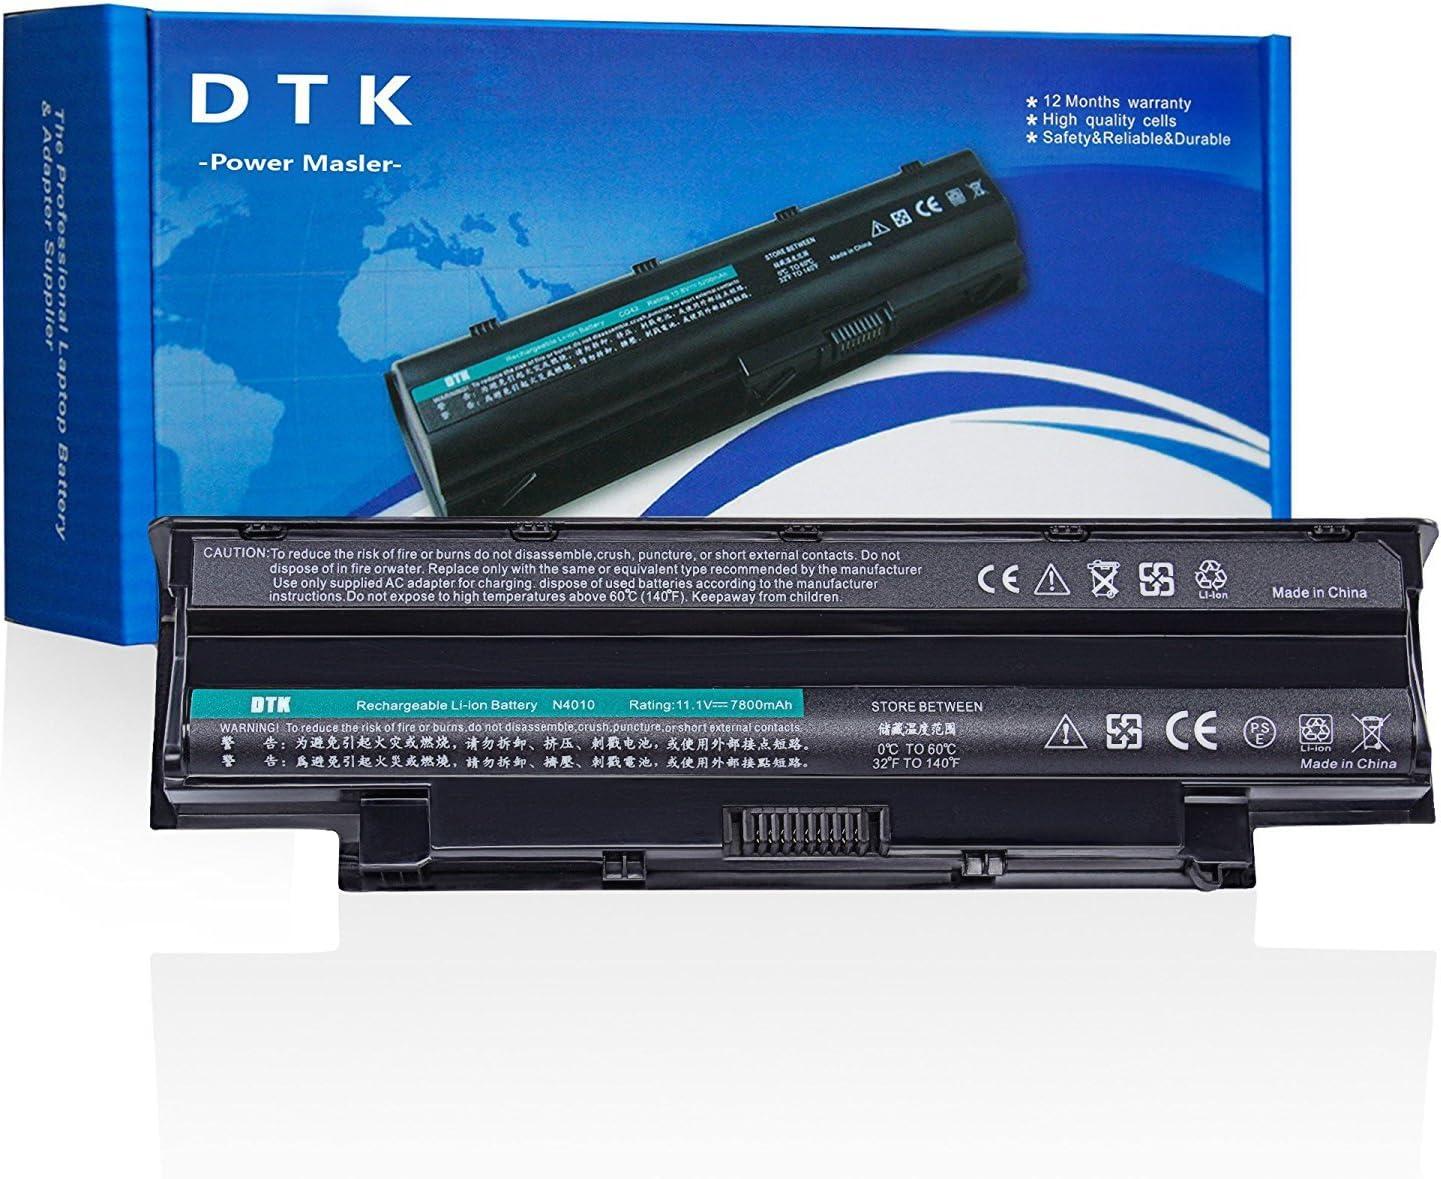 DTK/® Nueva Port/átil Bater/ía de Repuesto para Dell Inspiron 3420 3520 13r 14r 15r 17r N3010 N3110 N4010 N4050 N4110 N5110 N5010 N5030 N5040 N5050 M5110 M5010 M4110 M501,P//N J1knd 4t7jn 9-cell 6600mah